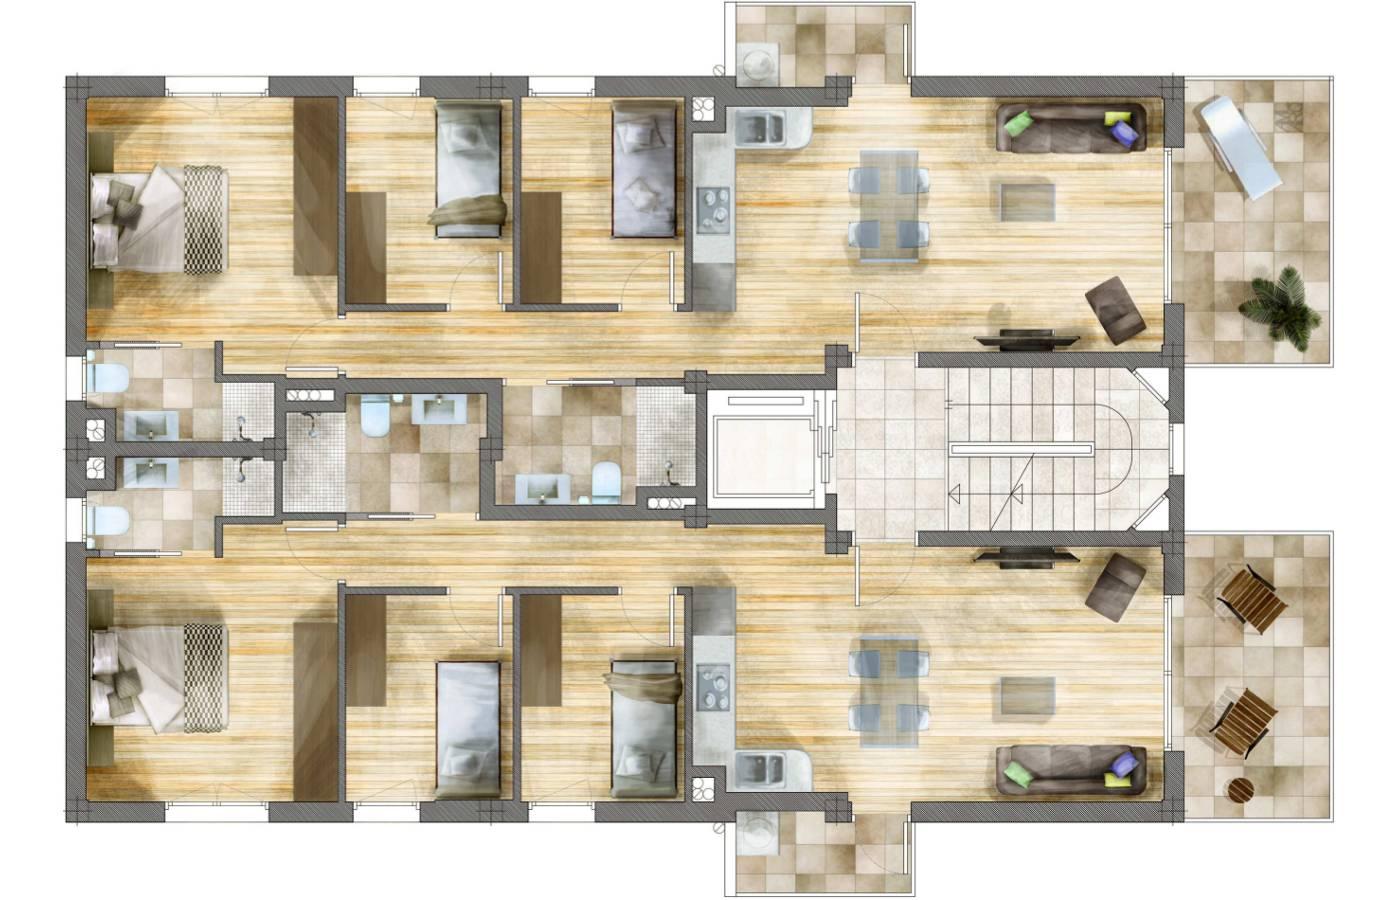 Edificio macarella promoci n pisos obra nueva en santa pola - Pisos obra nueva alicante ...